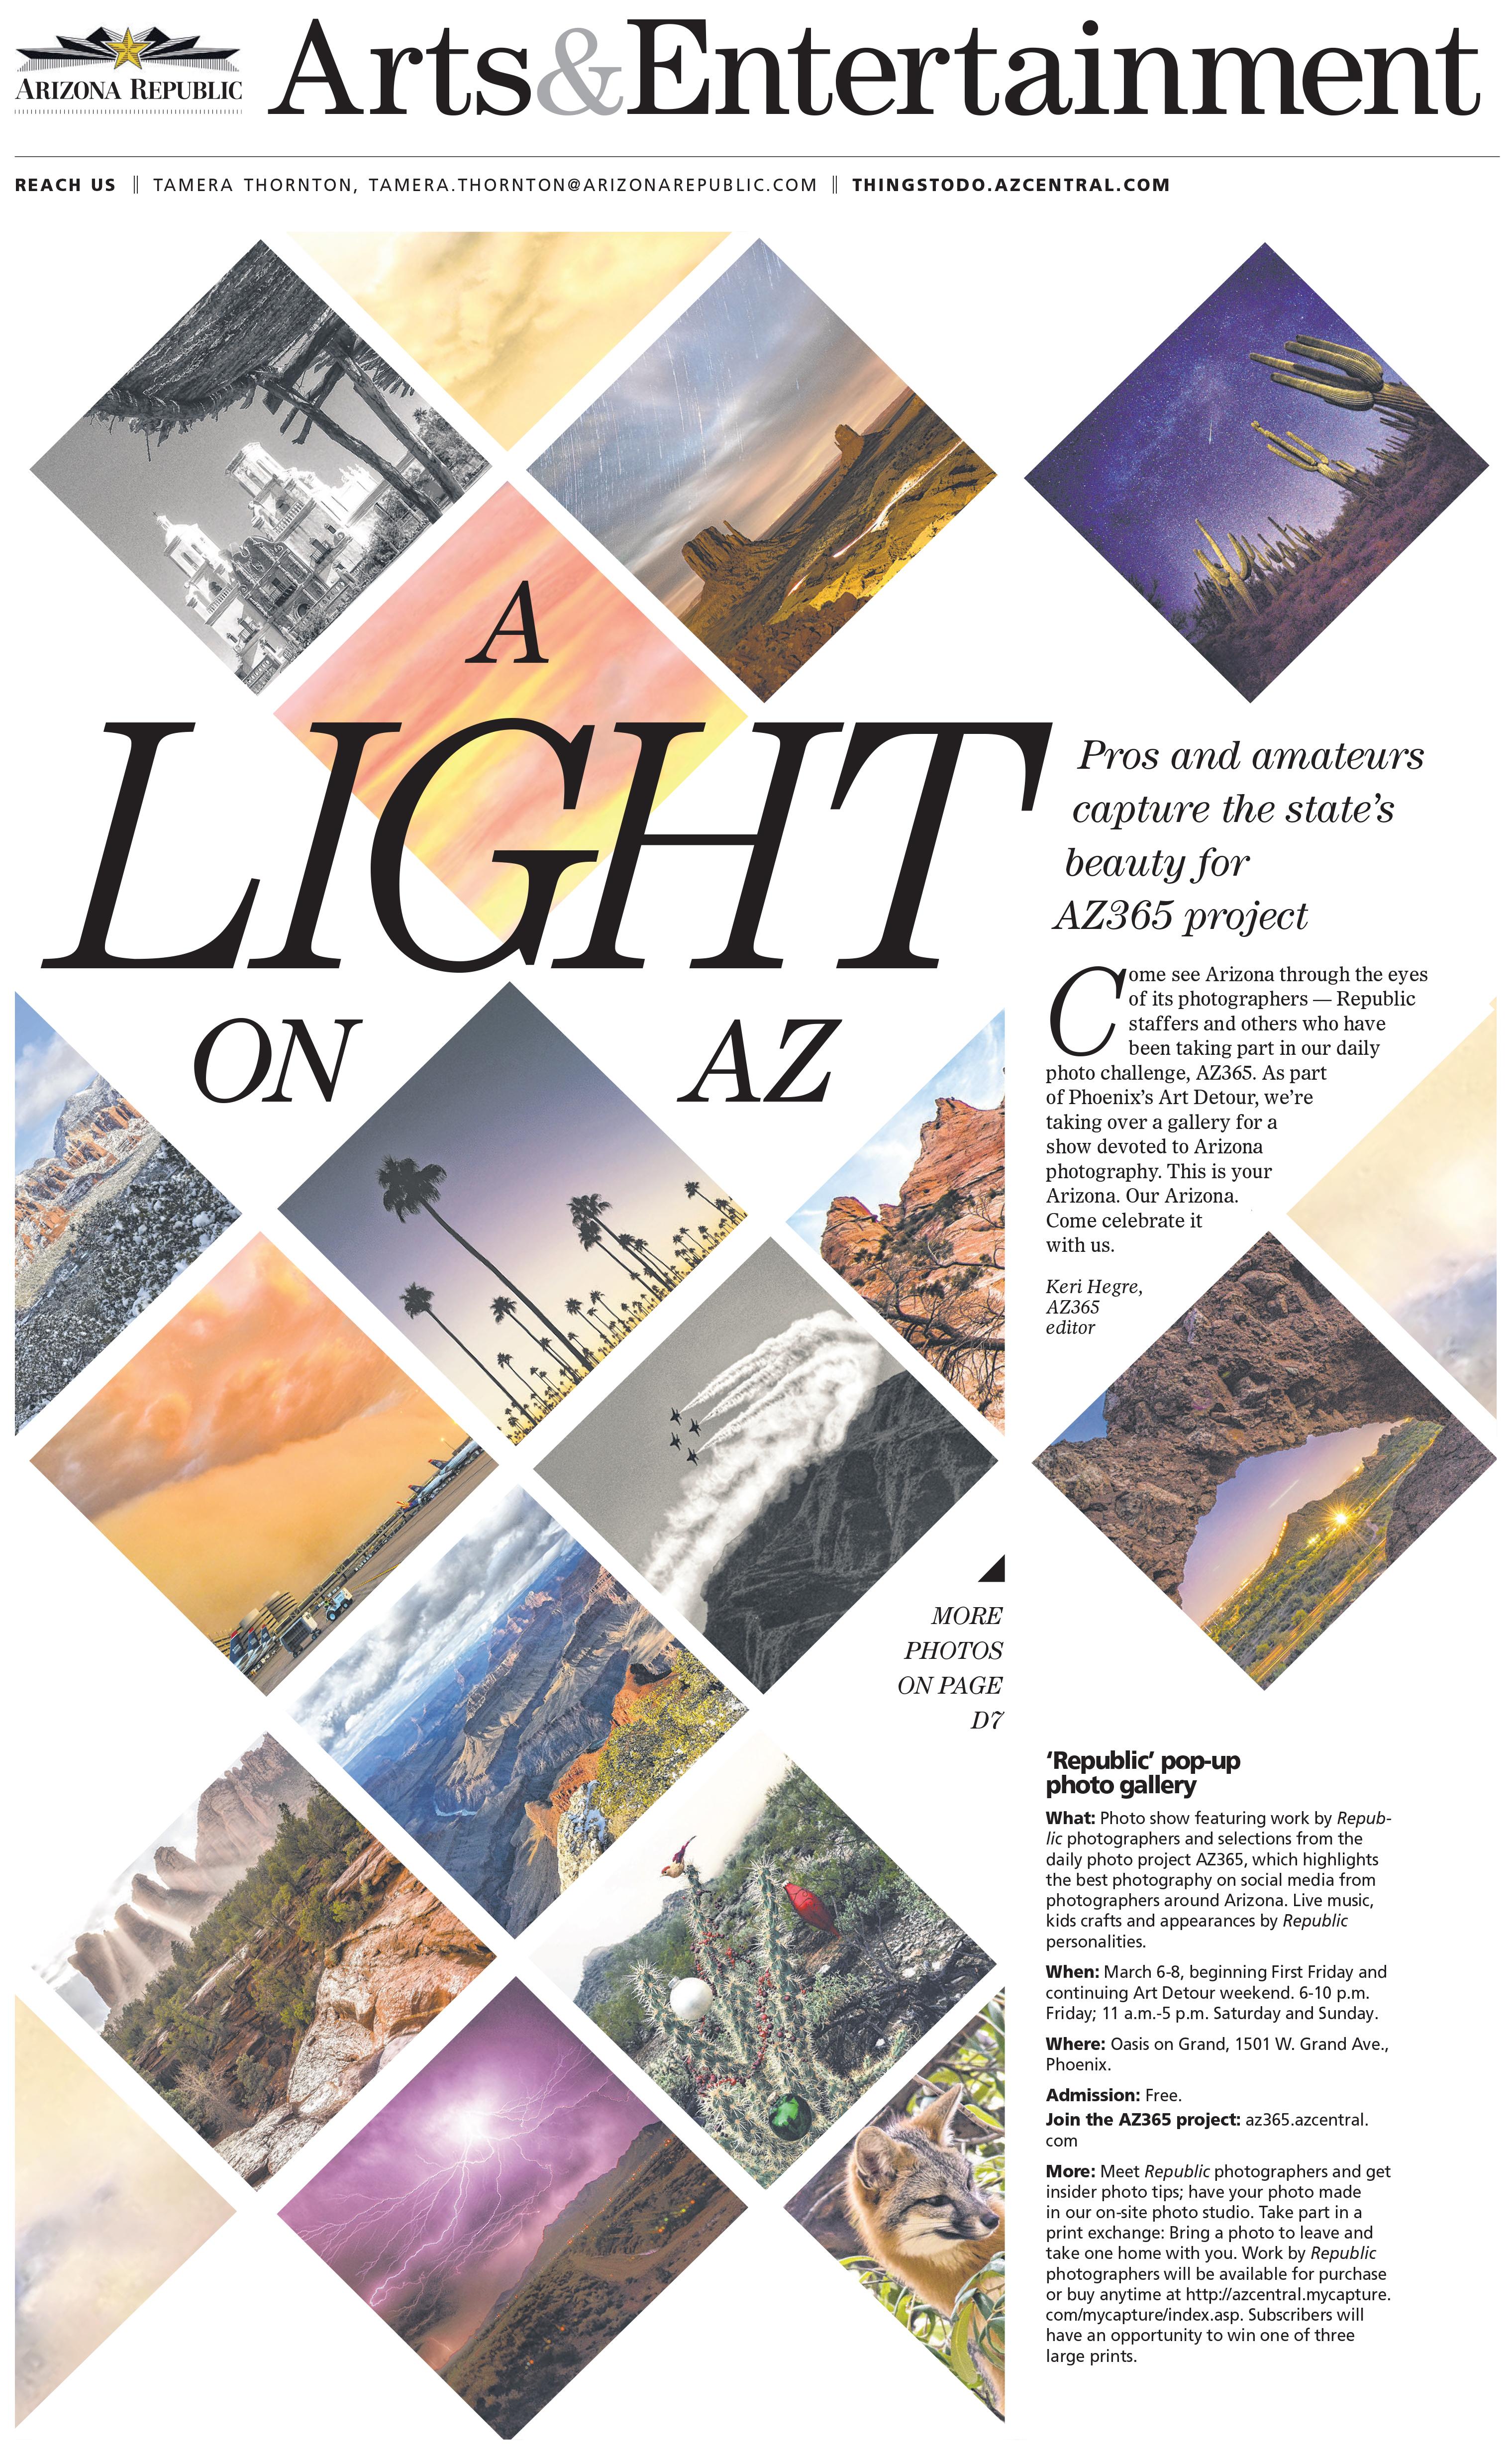 A Light on AZ